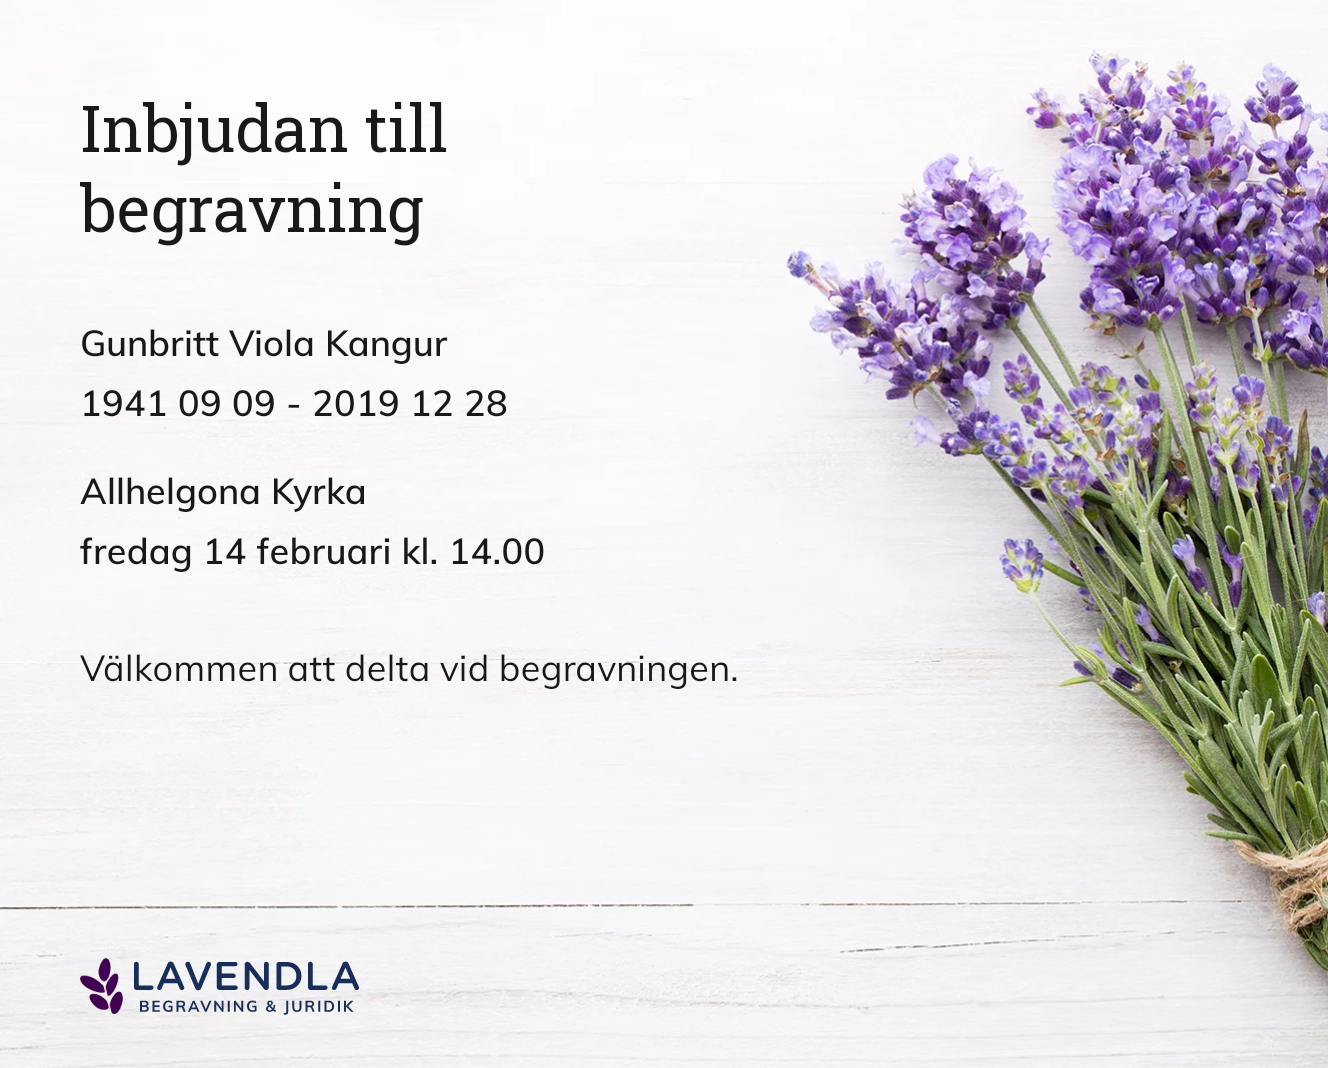 Inbjudningskort till ceremonin för Gunbritt Viola Kangur